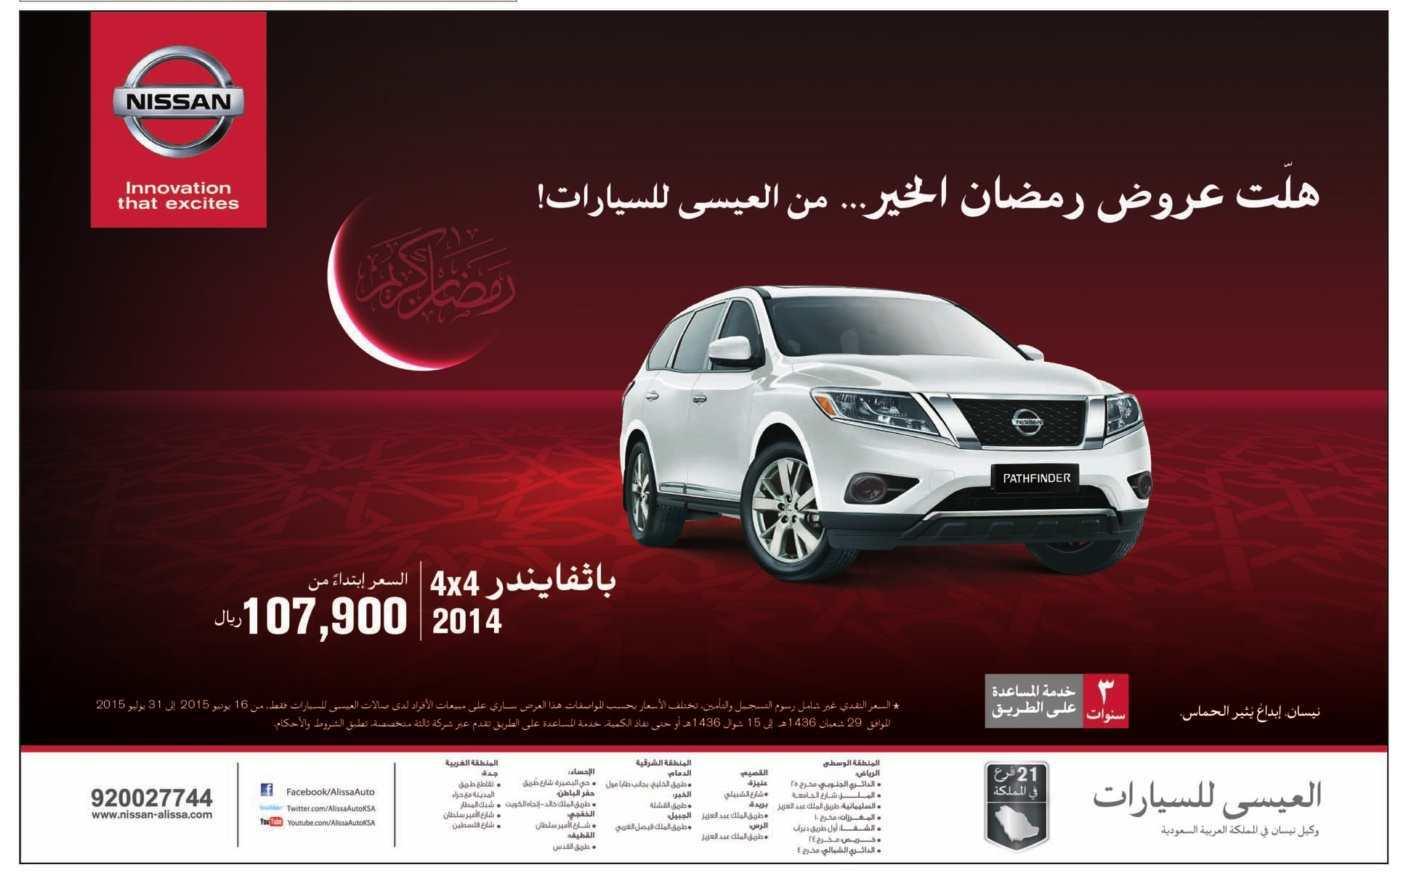 عروض العيسى للسيارات - عروض نيسان - عروض رمضان 2015